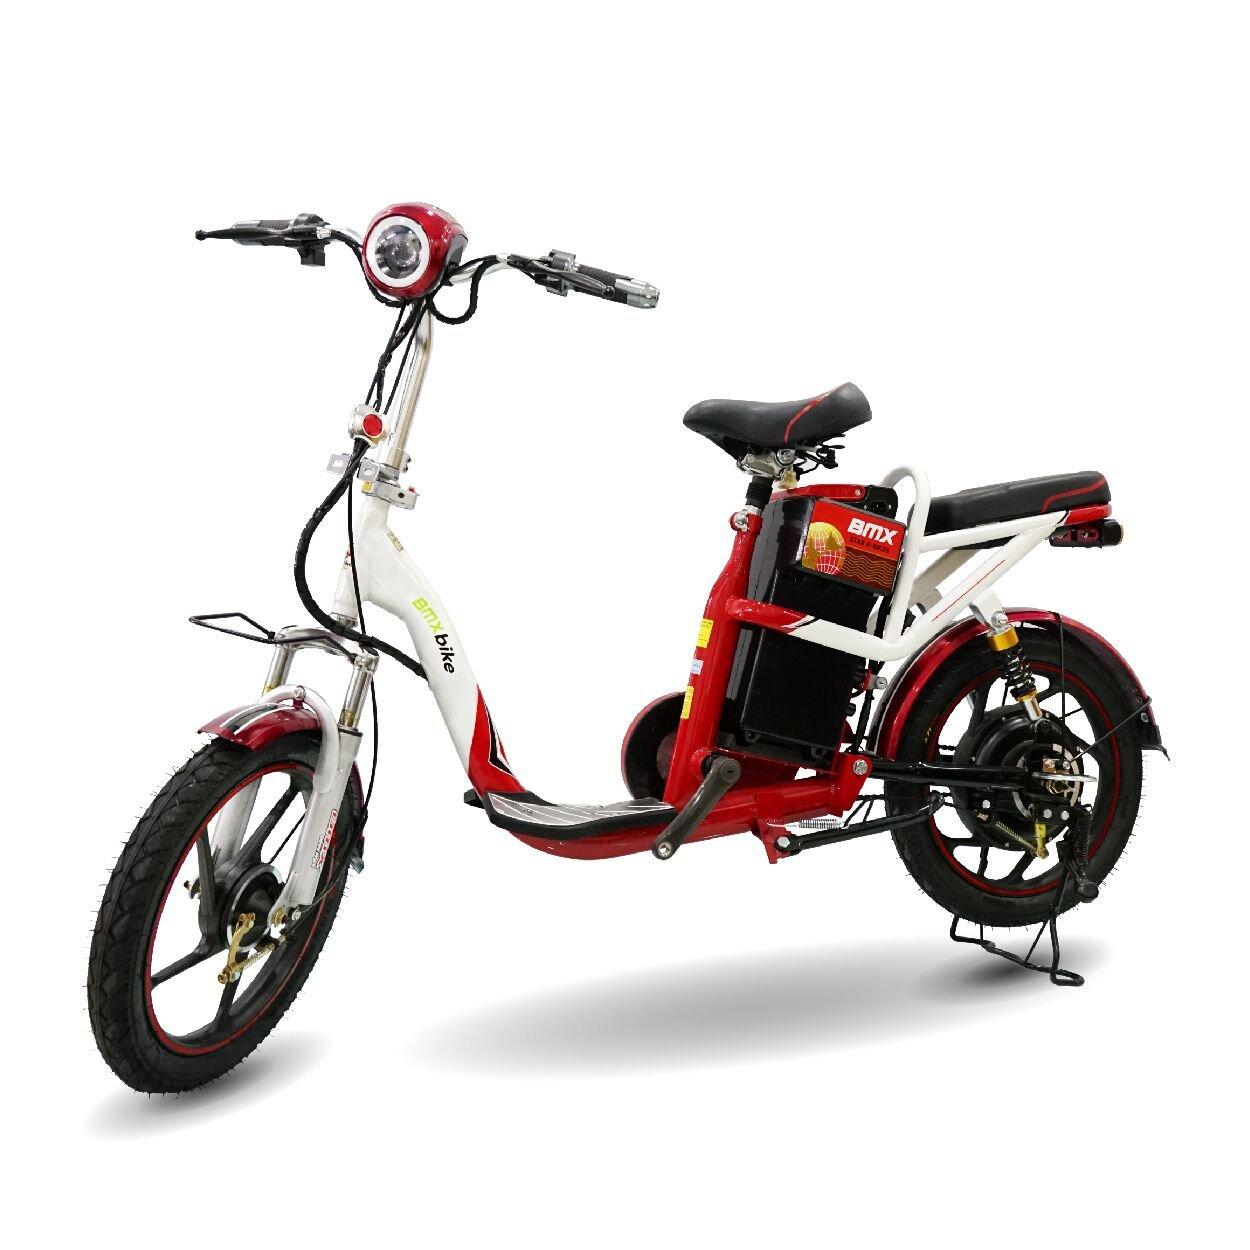 mua Xe đạp điện BMX thiết kế trẻ trung, năng động